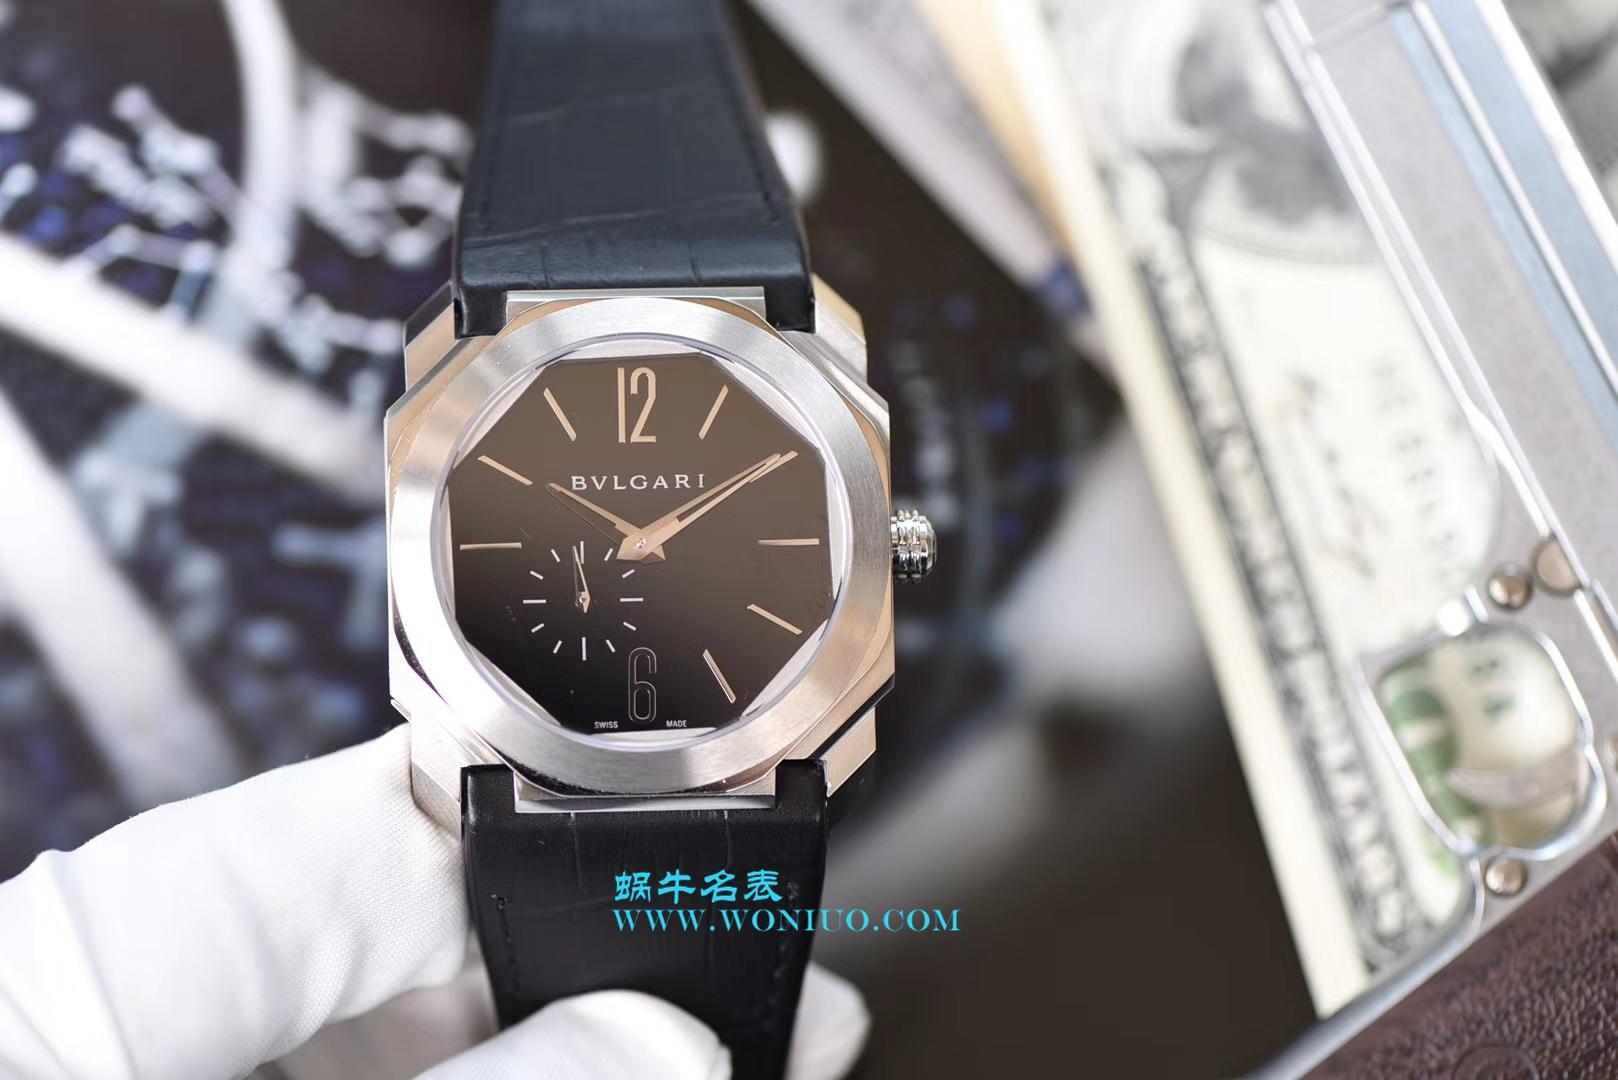 【台湾厂一比一超A高仿手表】宝格丽OCTO系列102028 BGO40BPLXT腕表 / BZ017